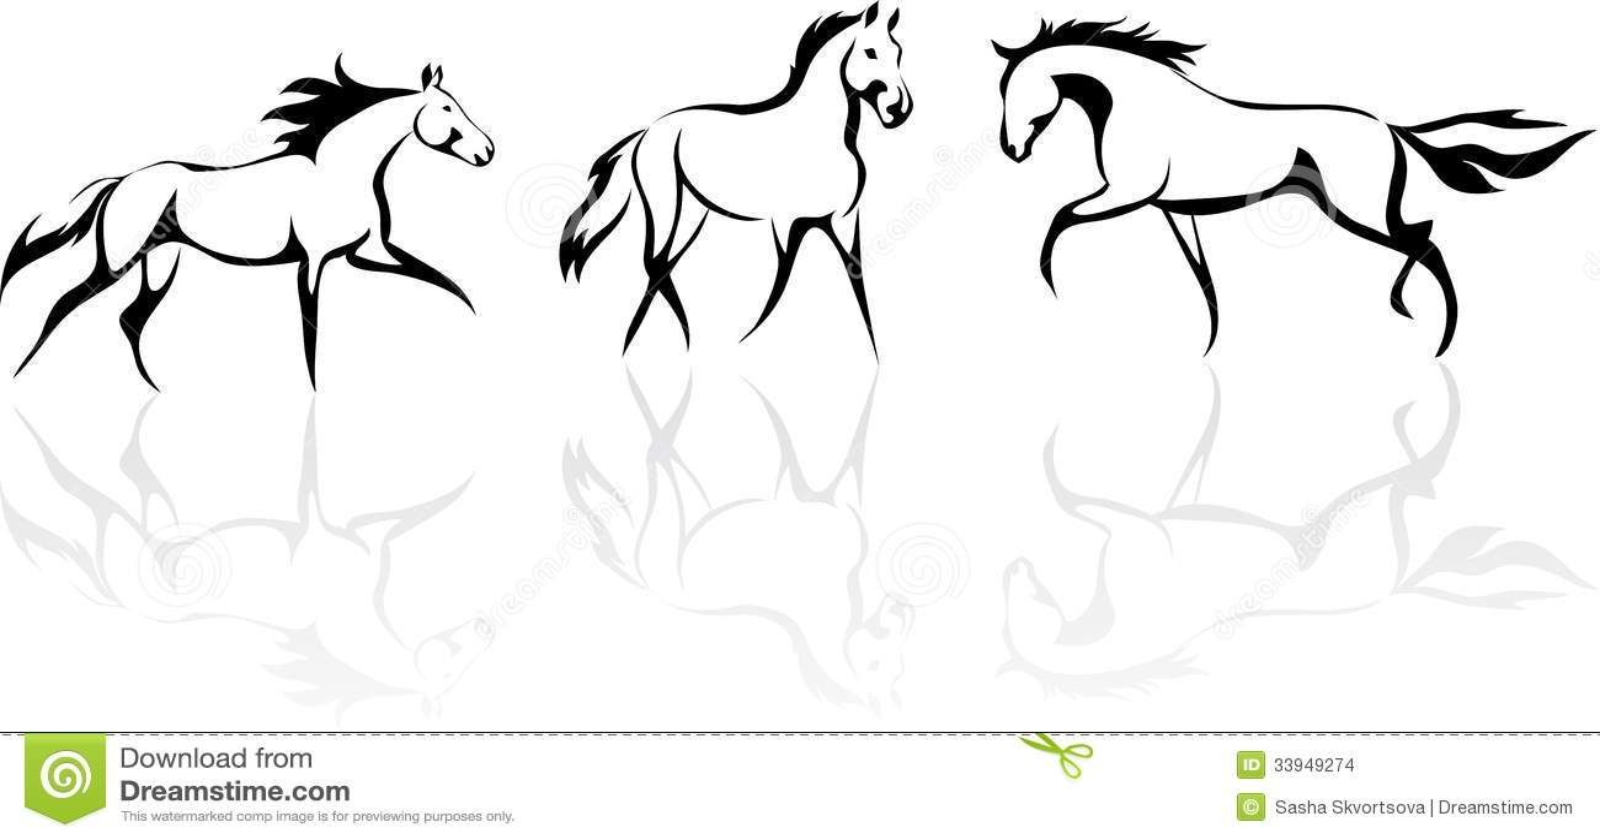 Cavallo Stilizzato Immagini Stock Immagine 33949274